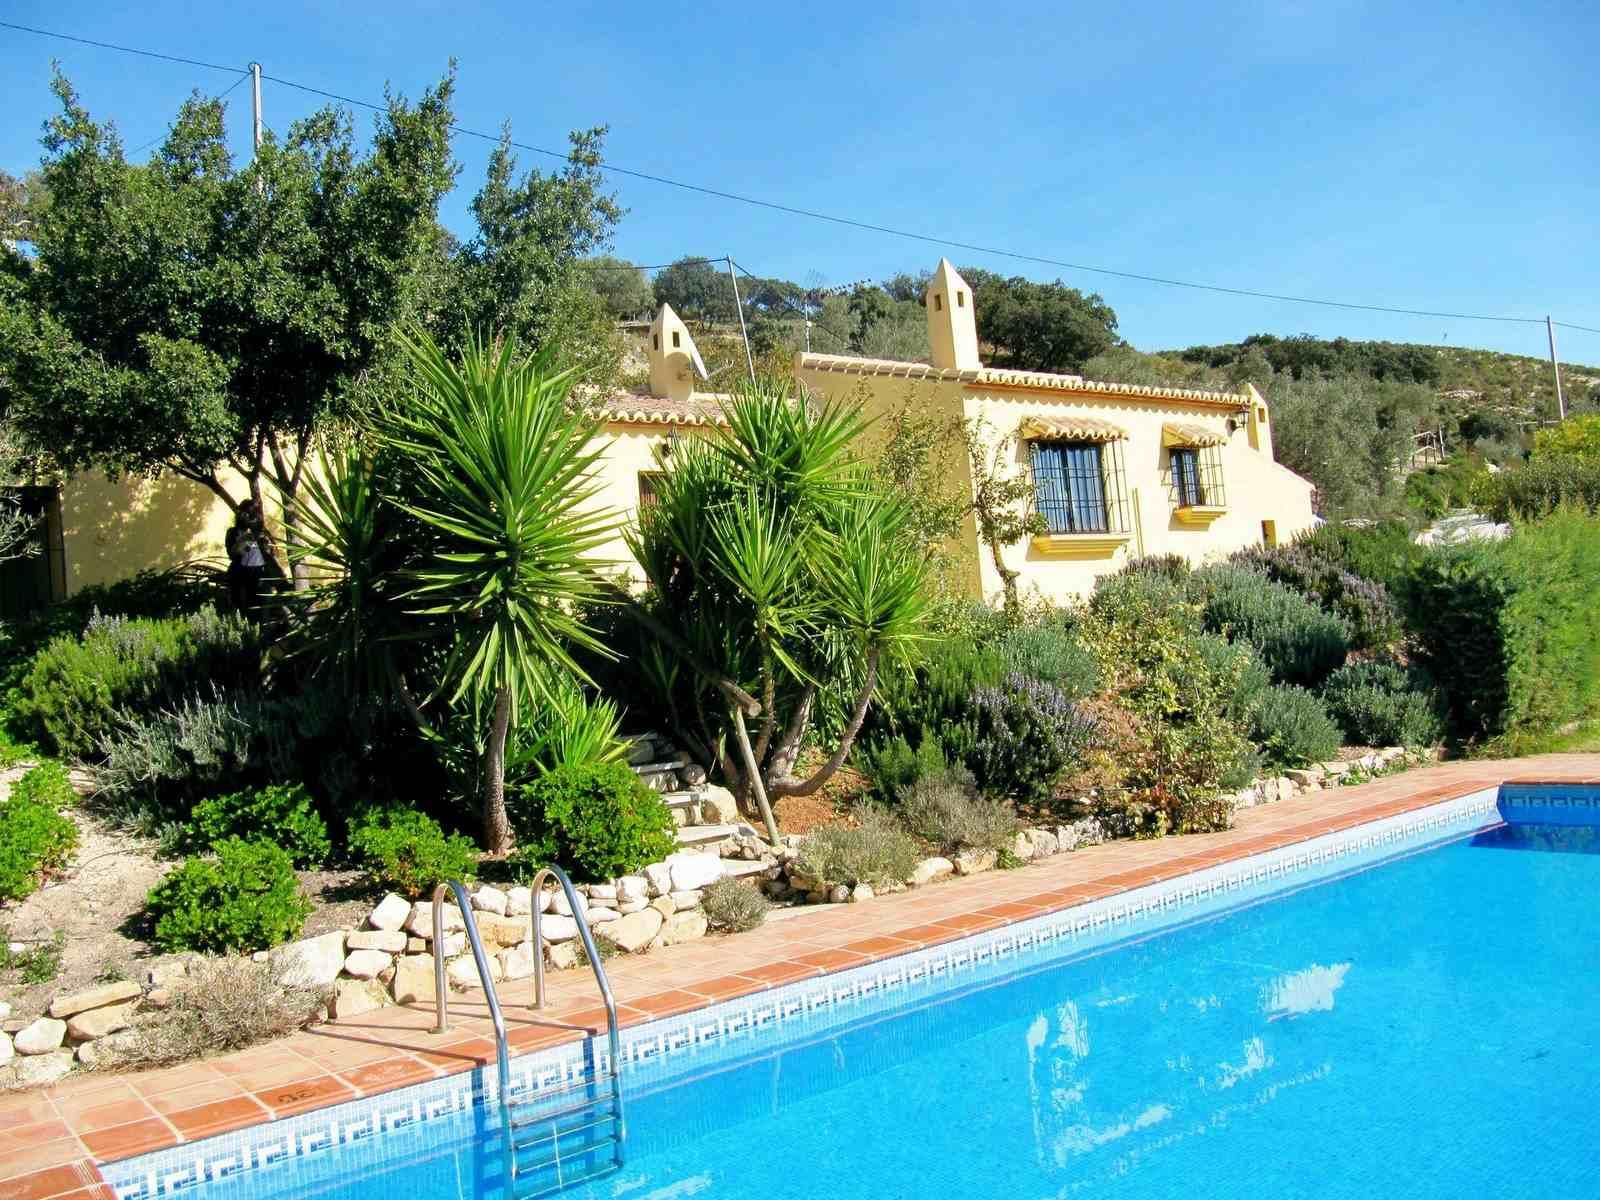 Alquiler vacaciones en Antequera, Málaga